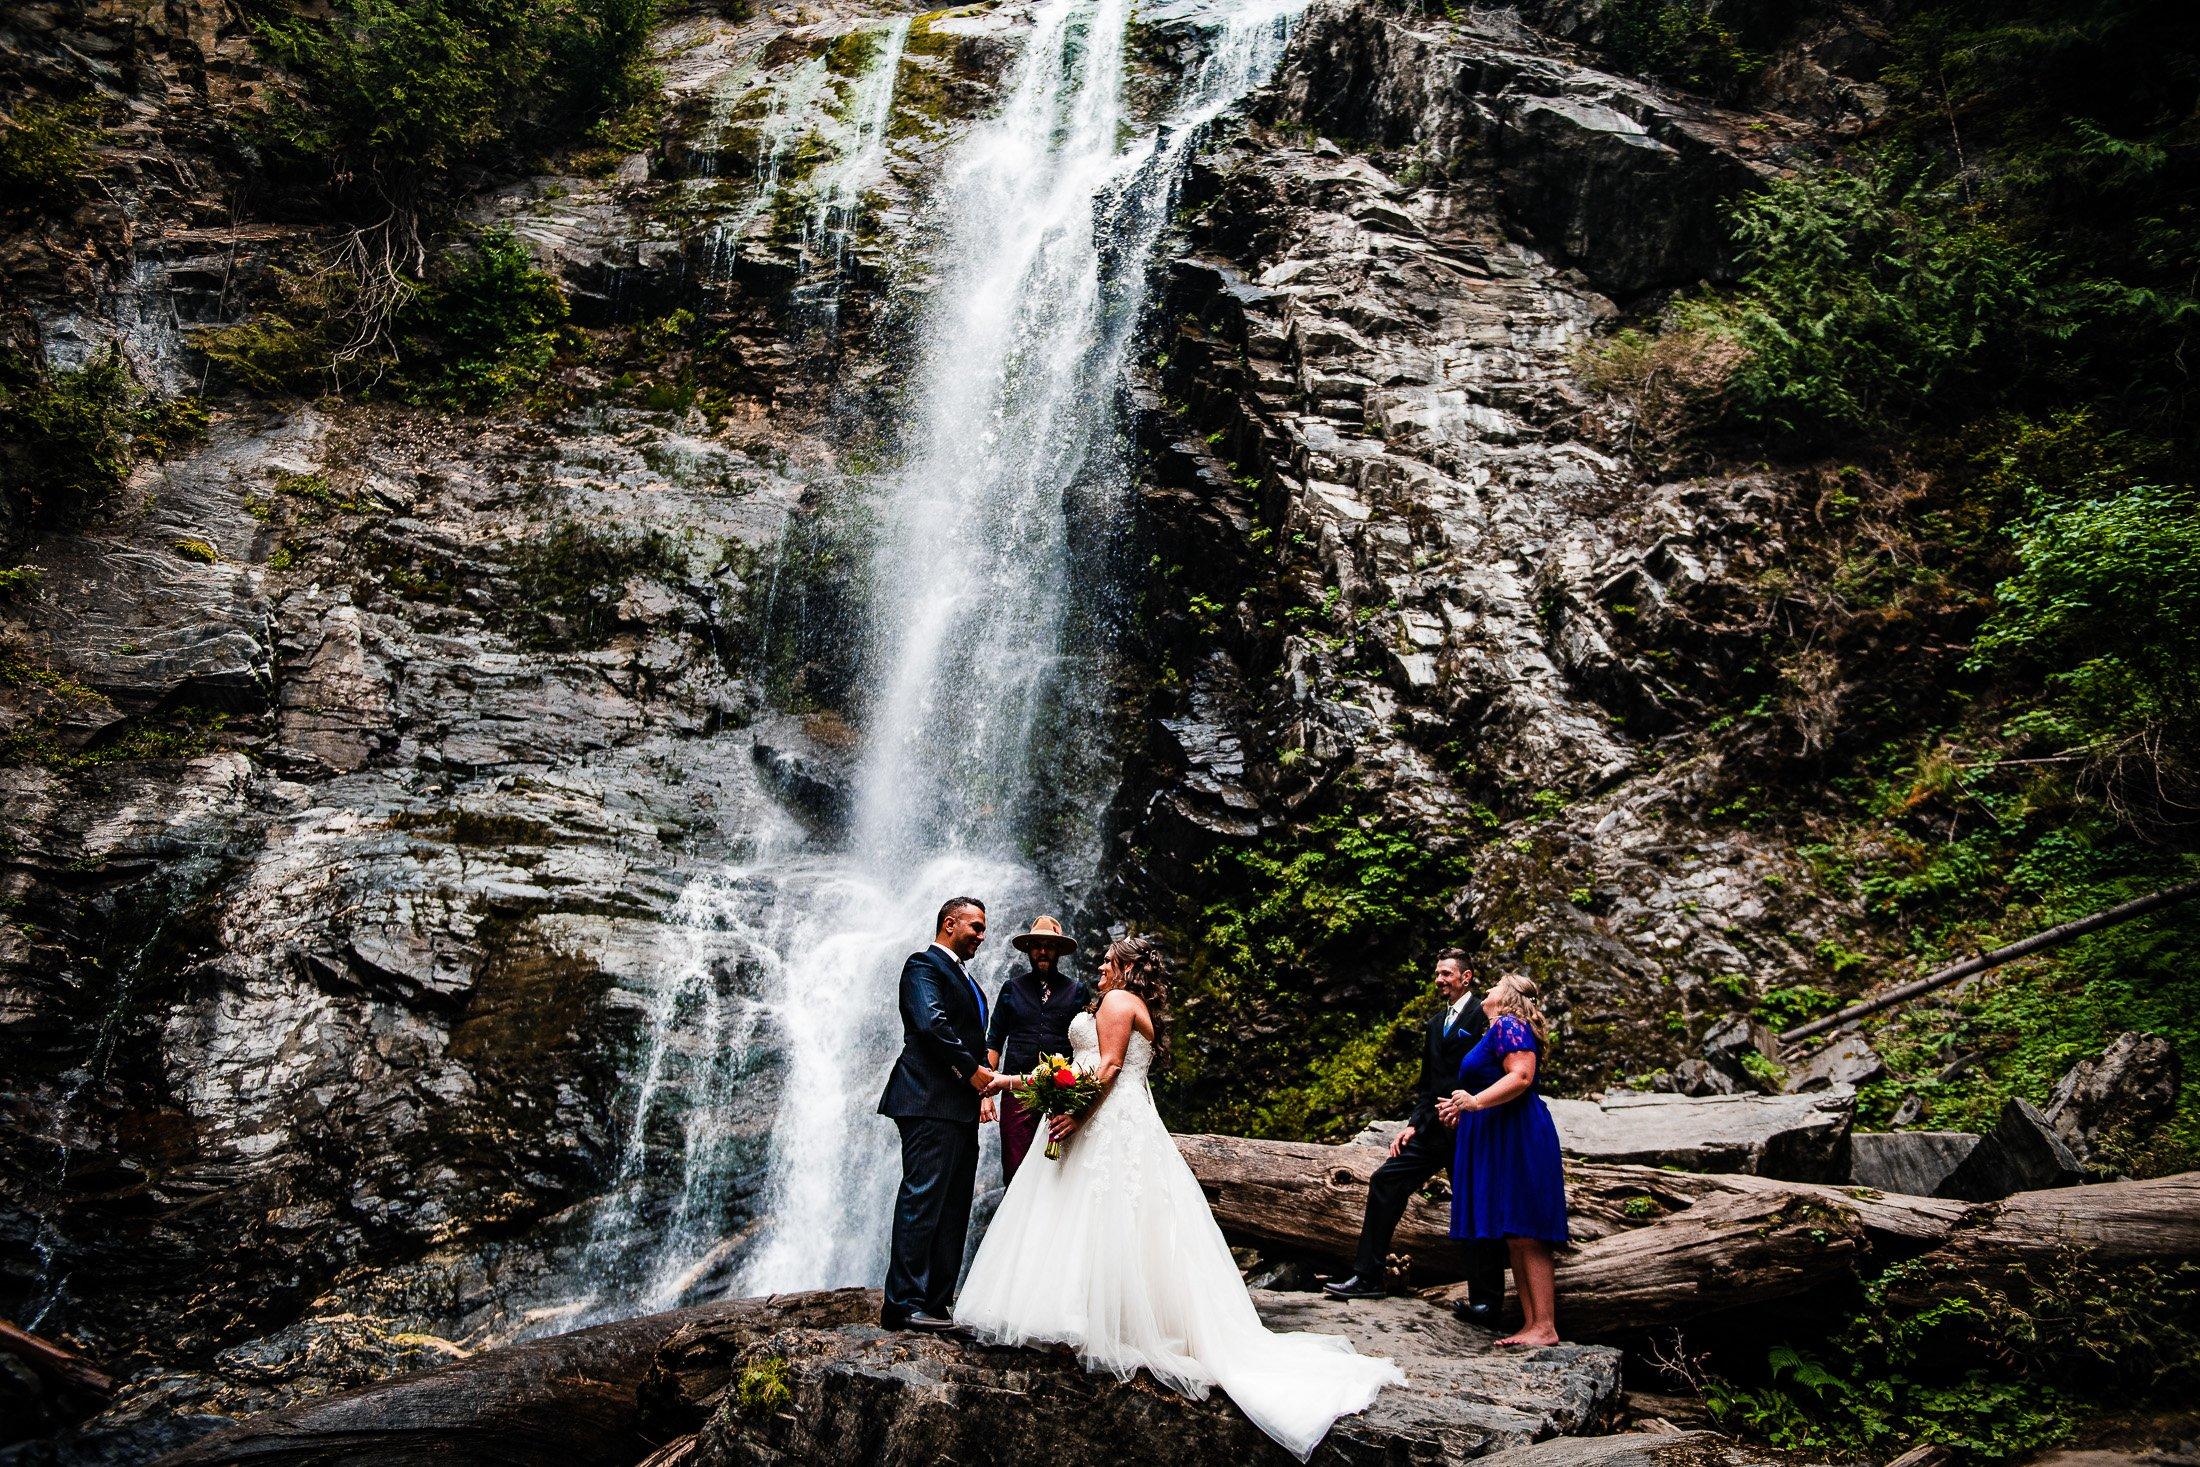 002 - waterfall elopement